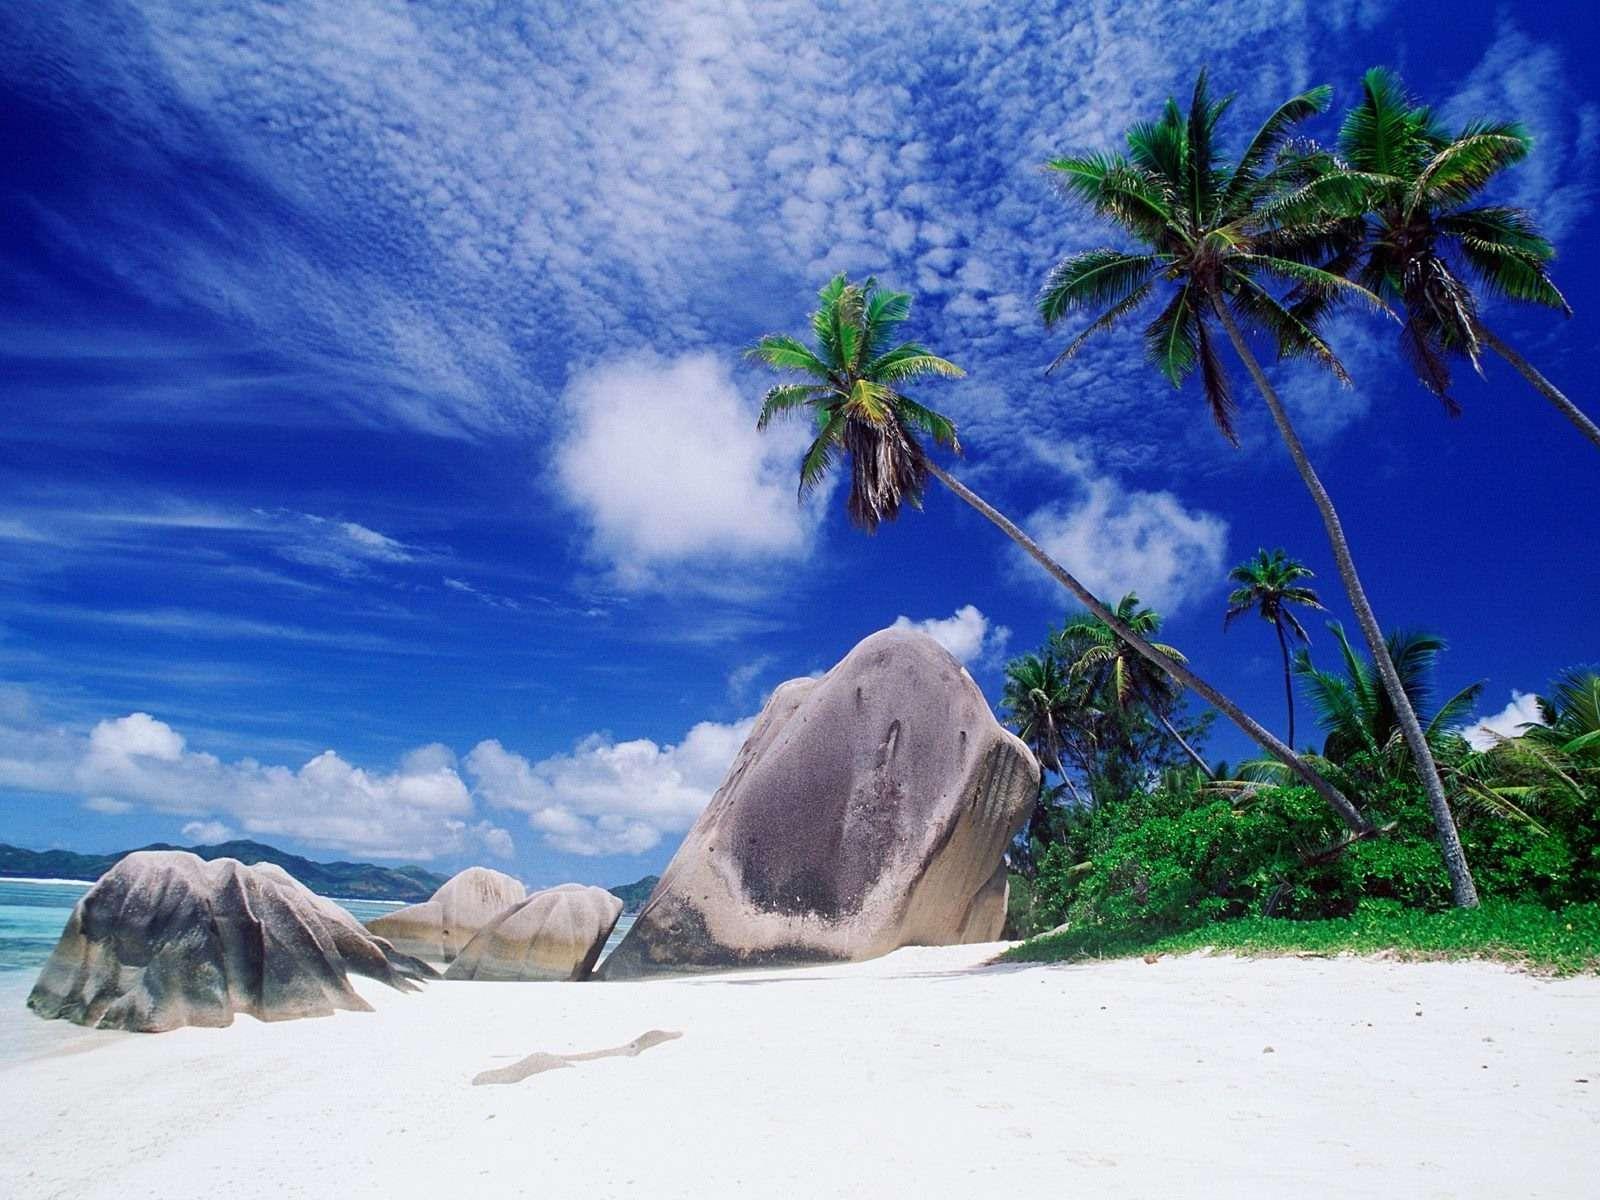 صورة اجمل صور الطبيعه , اروع صور عن الطبيعة